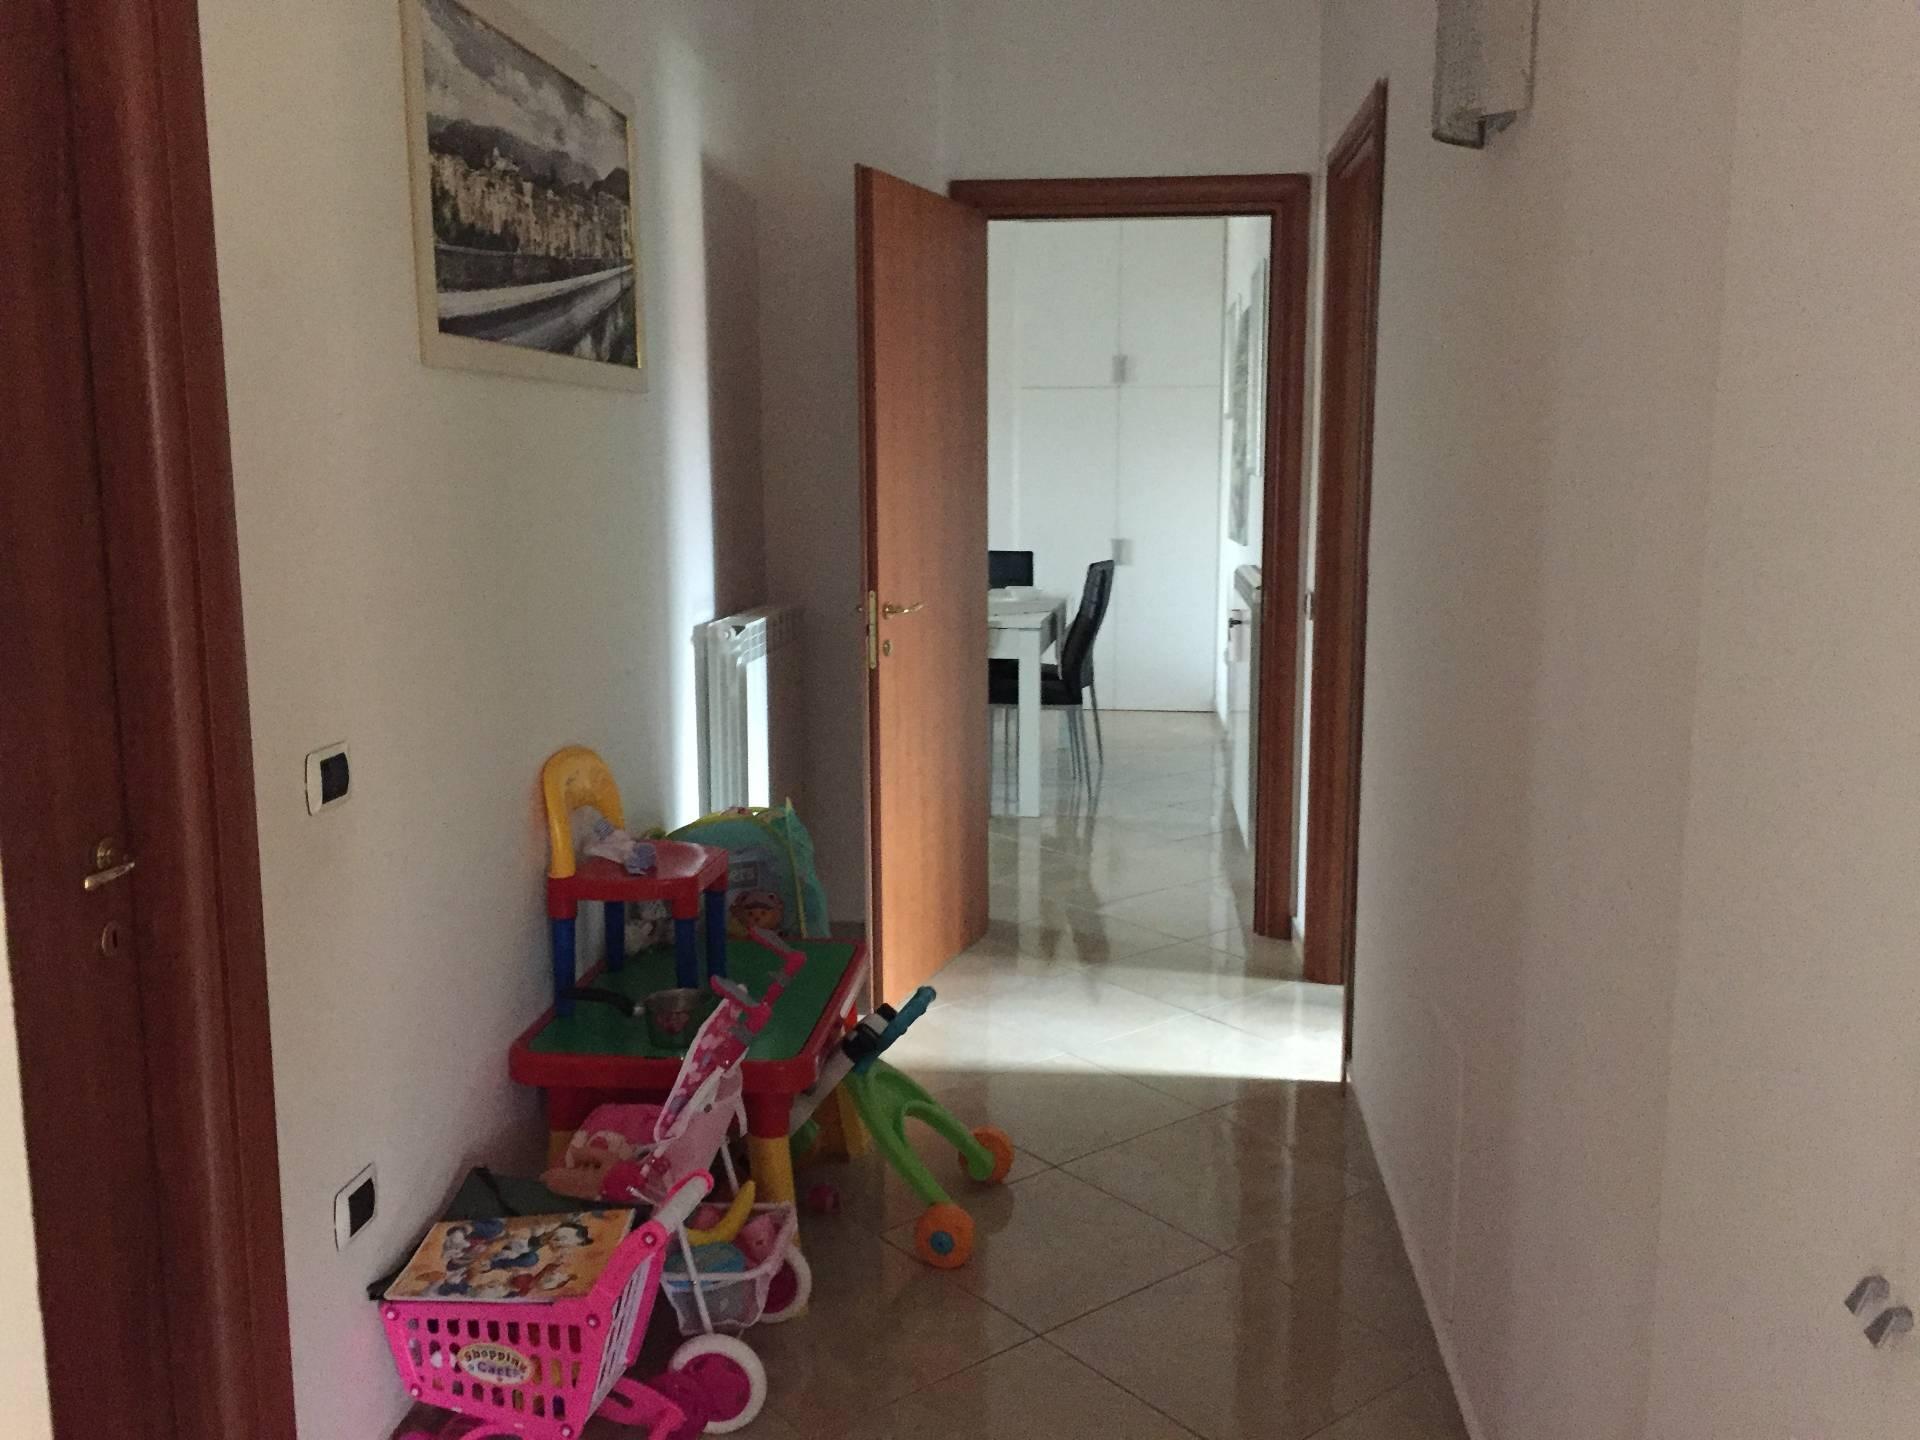 Appartamento in vendita a Telese Terme, 6 locali, prezzo € 145.000 | CambioCasa.it